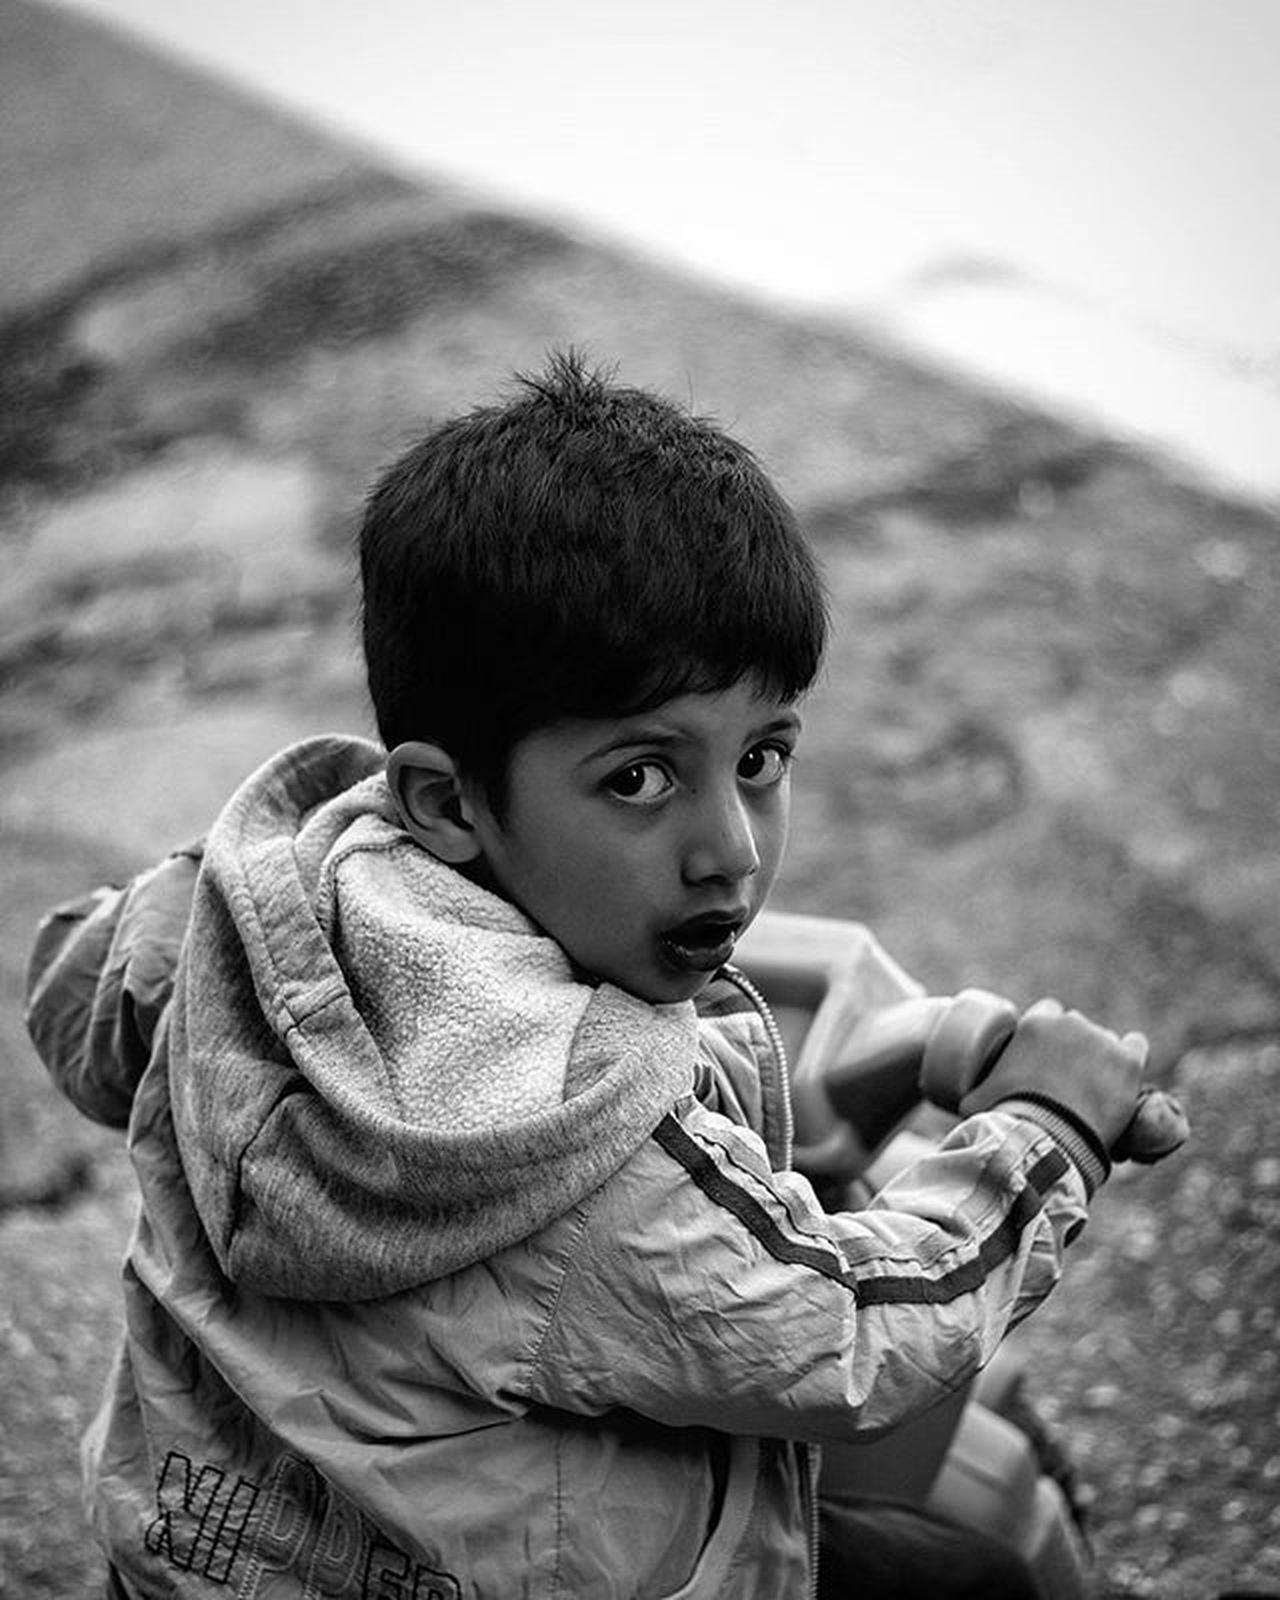 Nisan 2016 çocuk Childhood Children Cocuksokaktabuyur Bwphotography MonochromePhotography Monochromatic Blackandwhitephoto Siyahbeyazfoto Photohobycanokkali Photographercanokkali Canon70d Canonphotography Canon Photooftheday